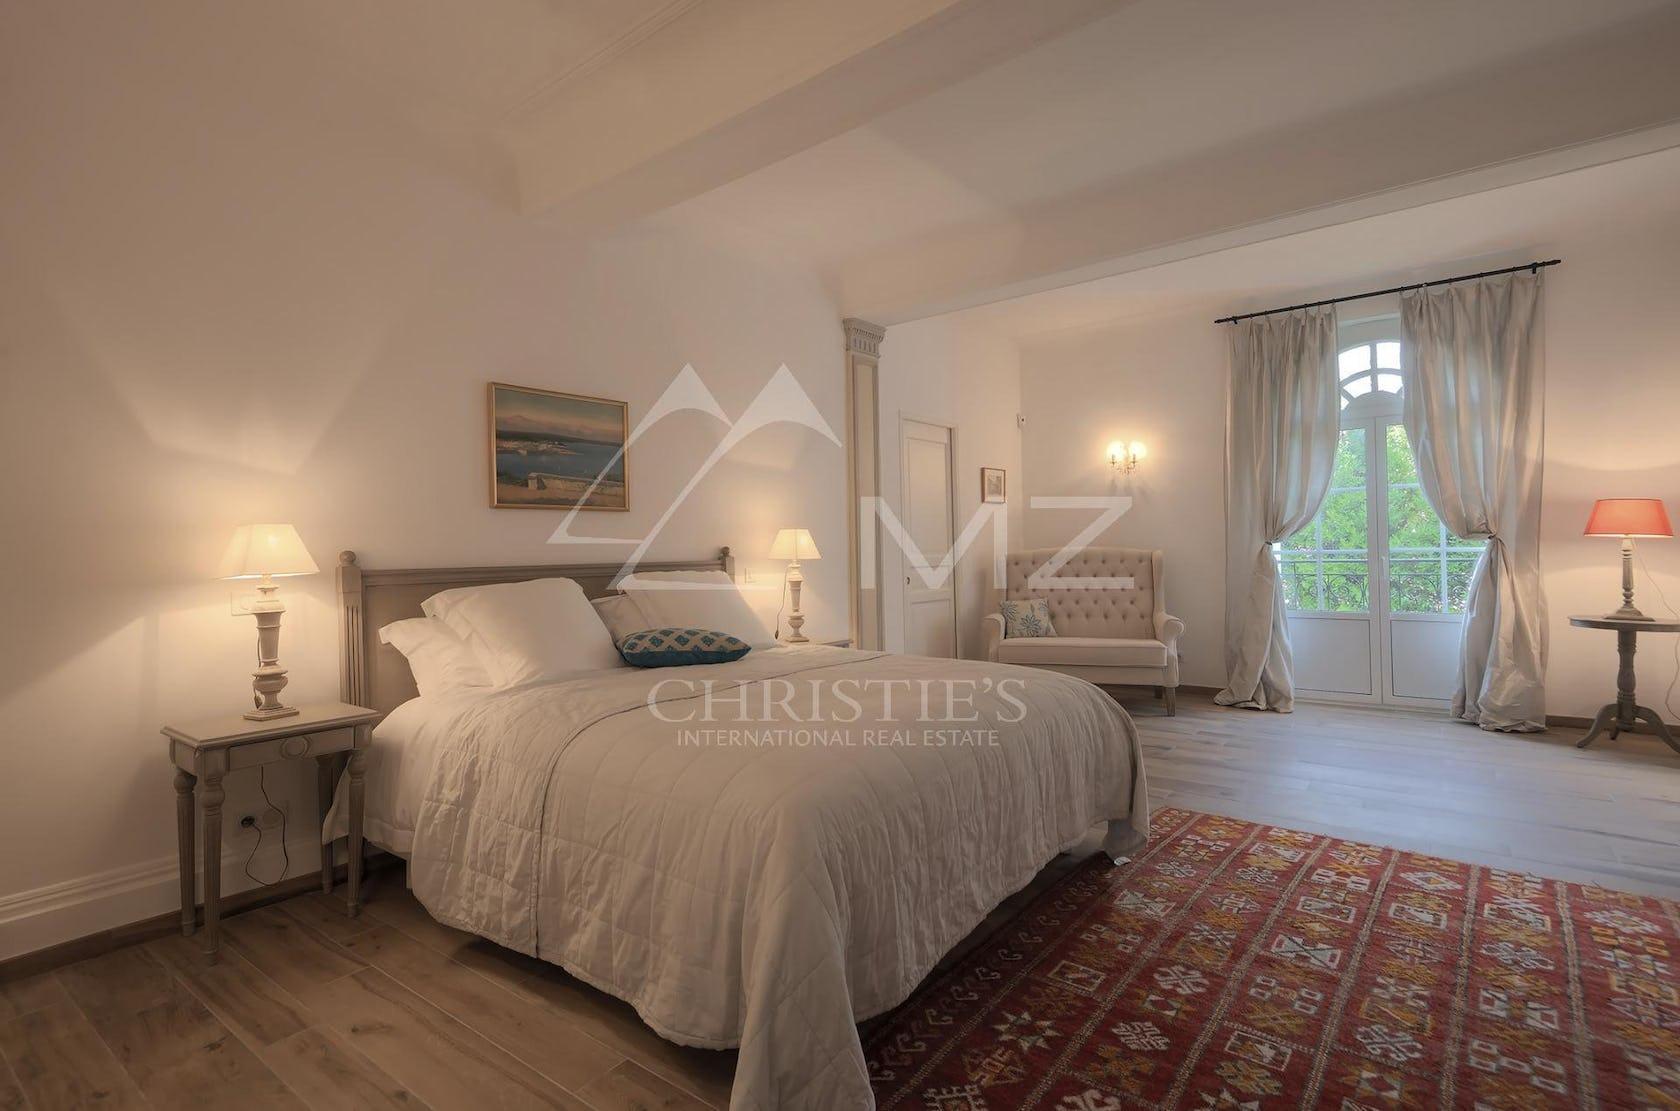 furniture bedroom room indoors bed flooring interior design home decor floor wood